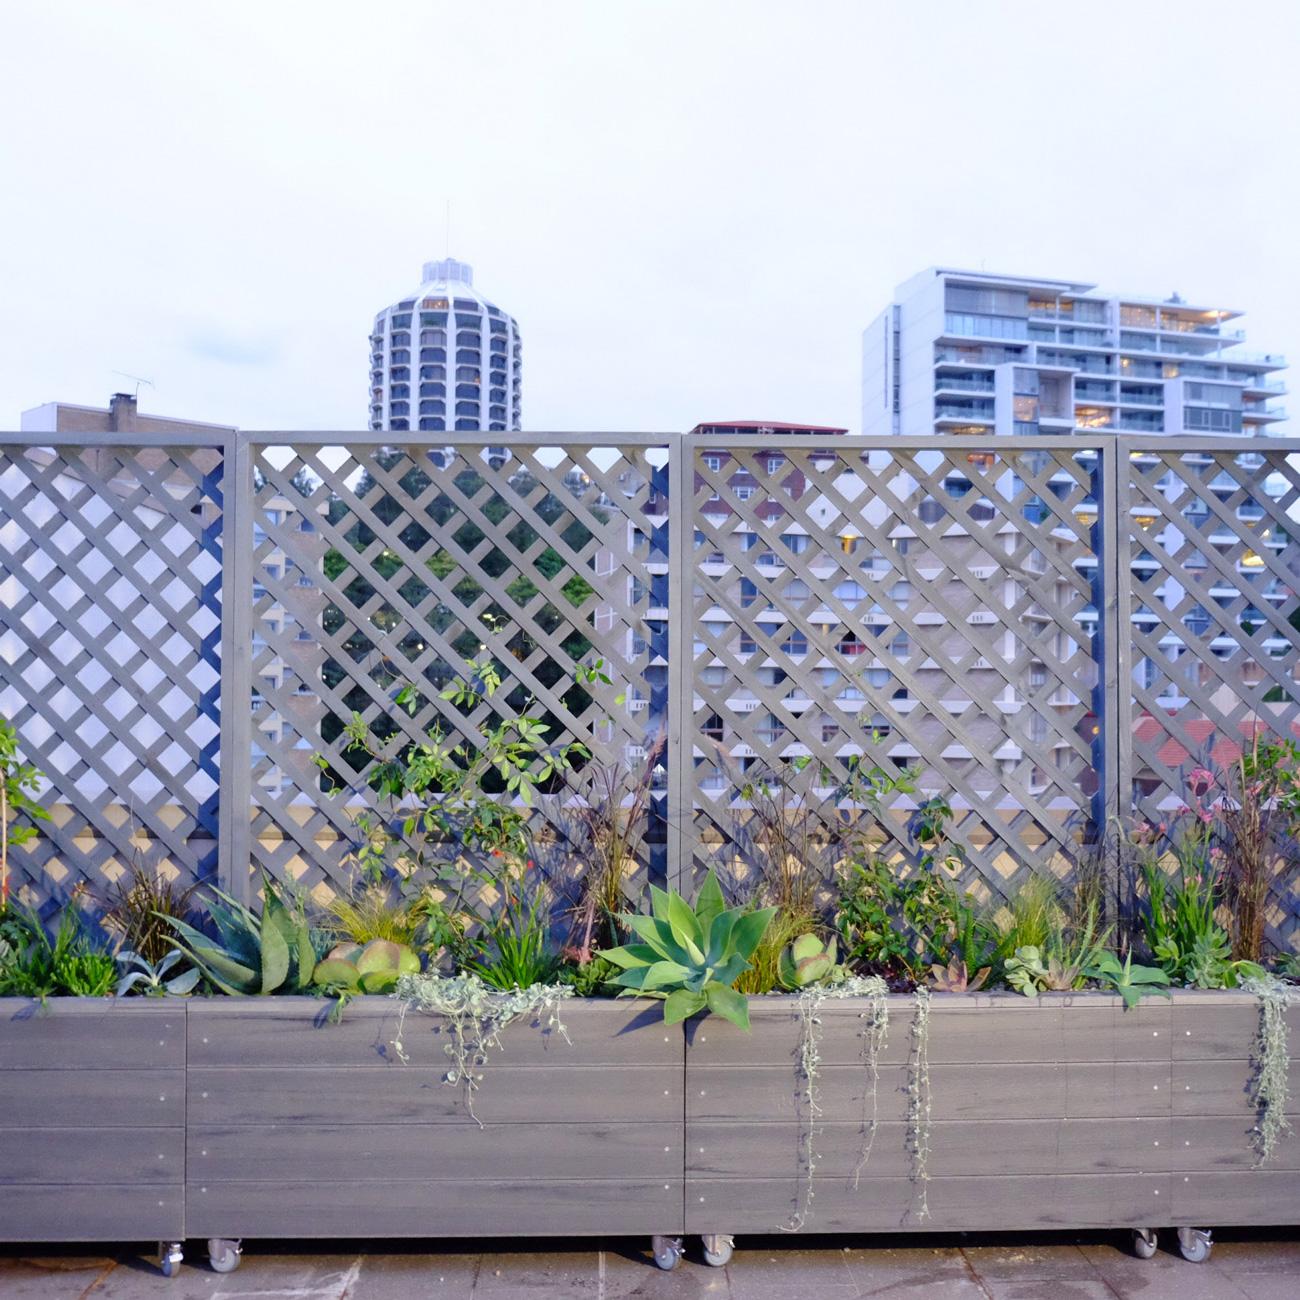 fresh_prince_rooftop1.JPG